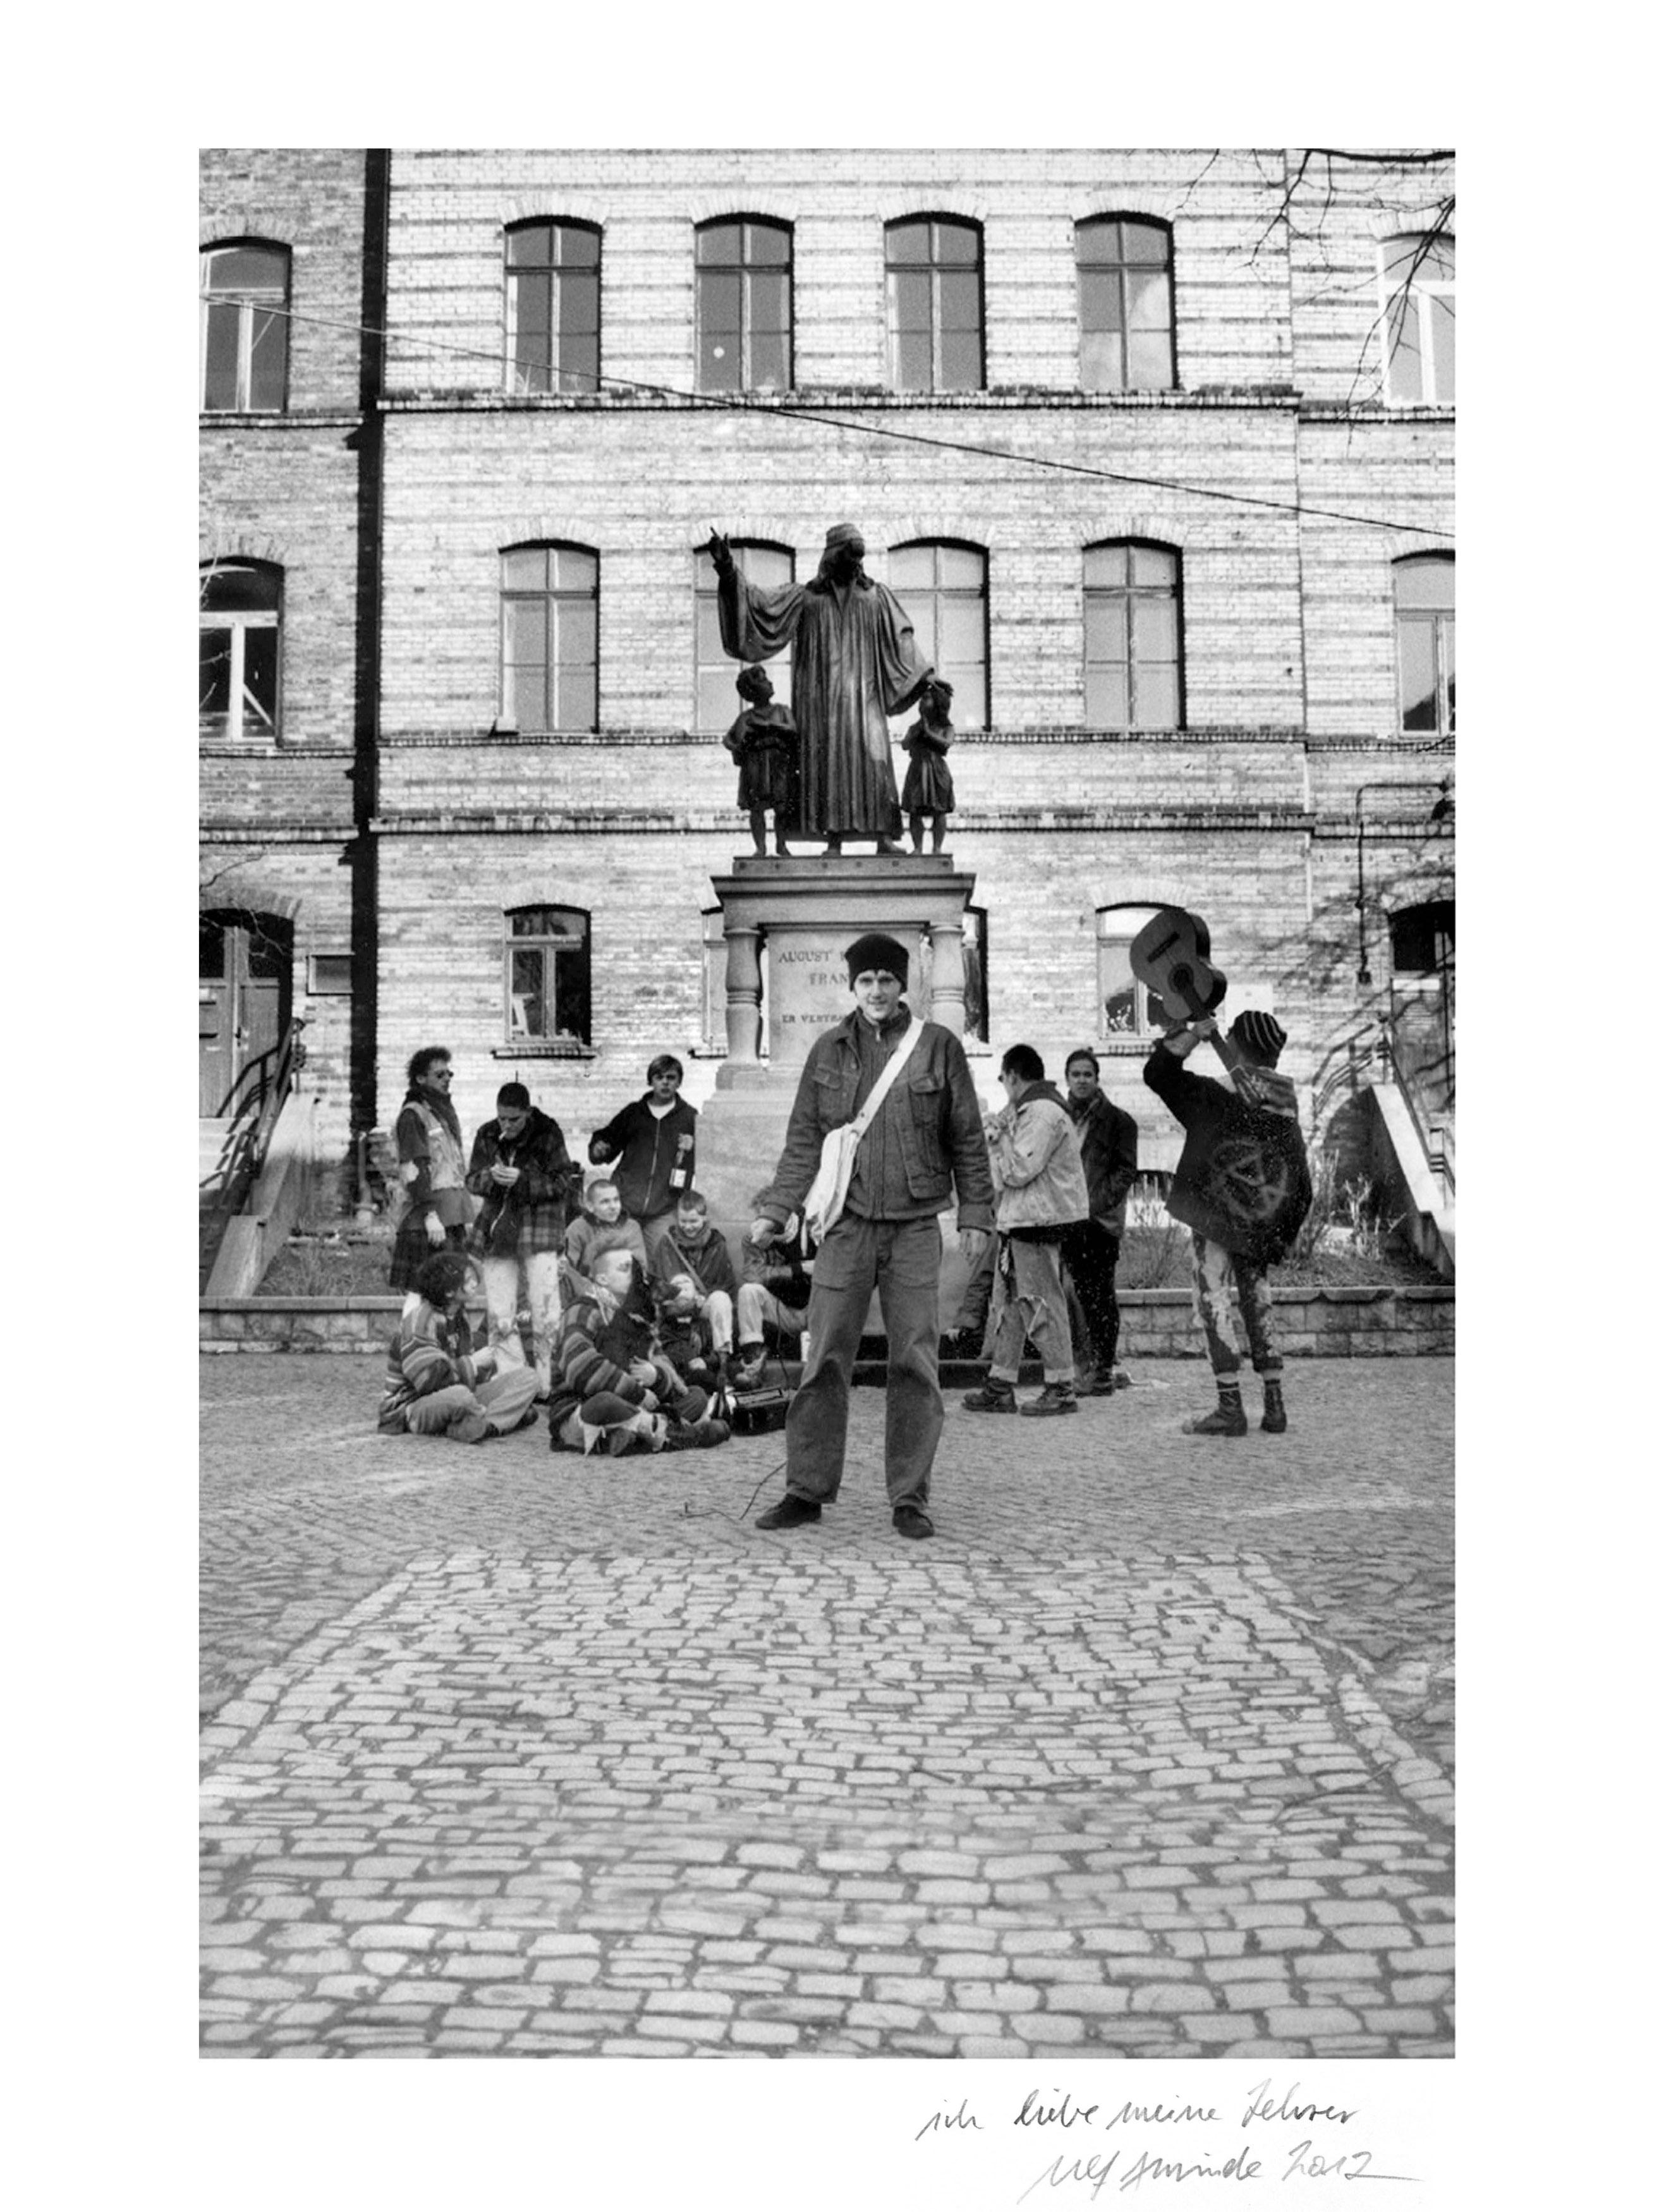 Ulf Aminde - Ich übernehme Verantwortung - Micha weiß Bescheid (Ich liebe meine Lehrer), 2002 - 2012